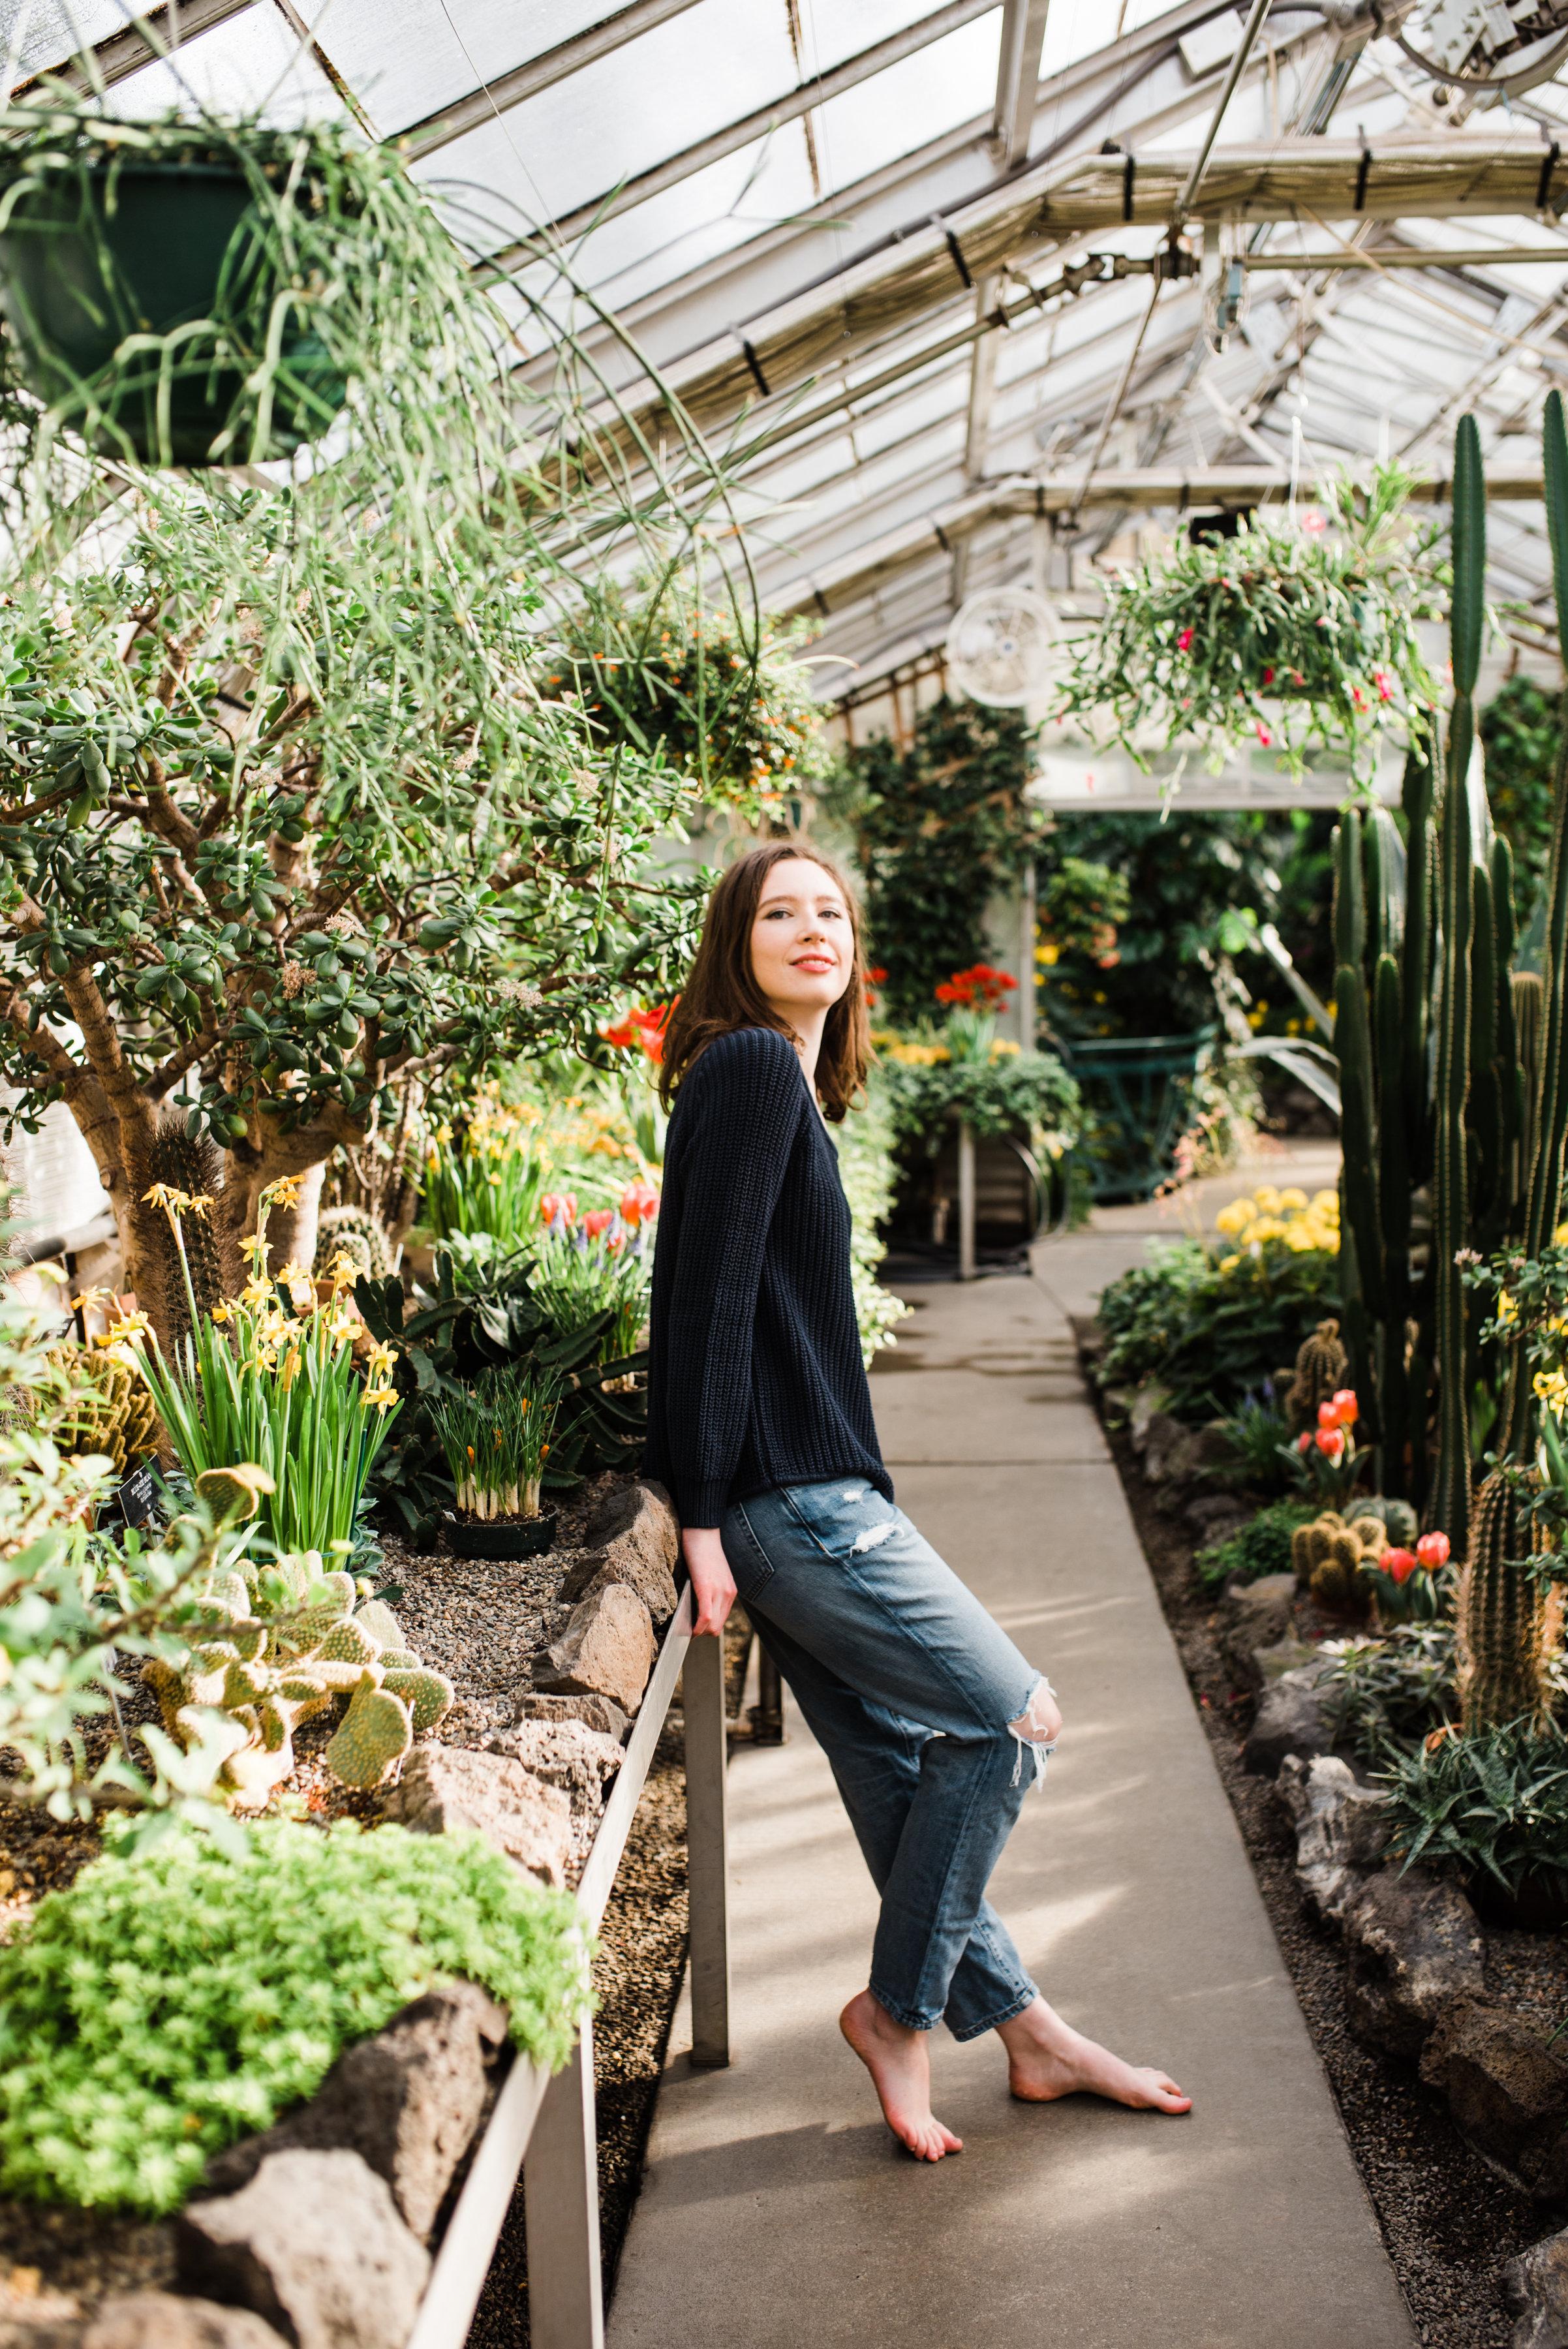 Nicole-Bridger-Sweater-Able-Boyfriend-Jeans-18.jpg